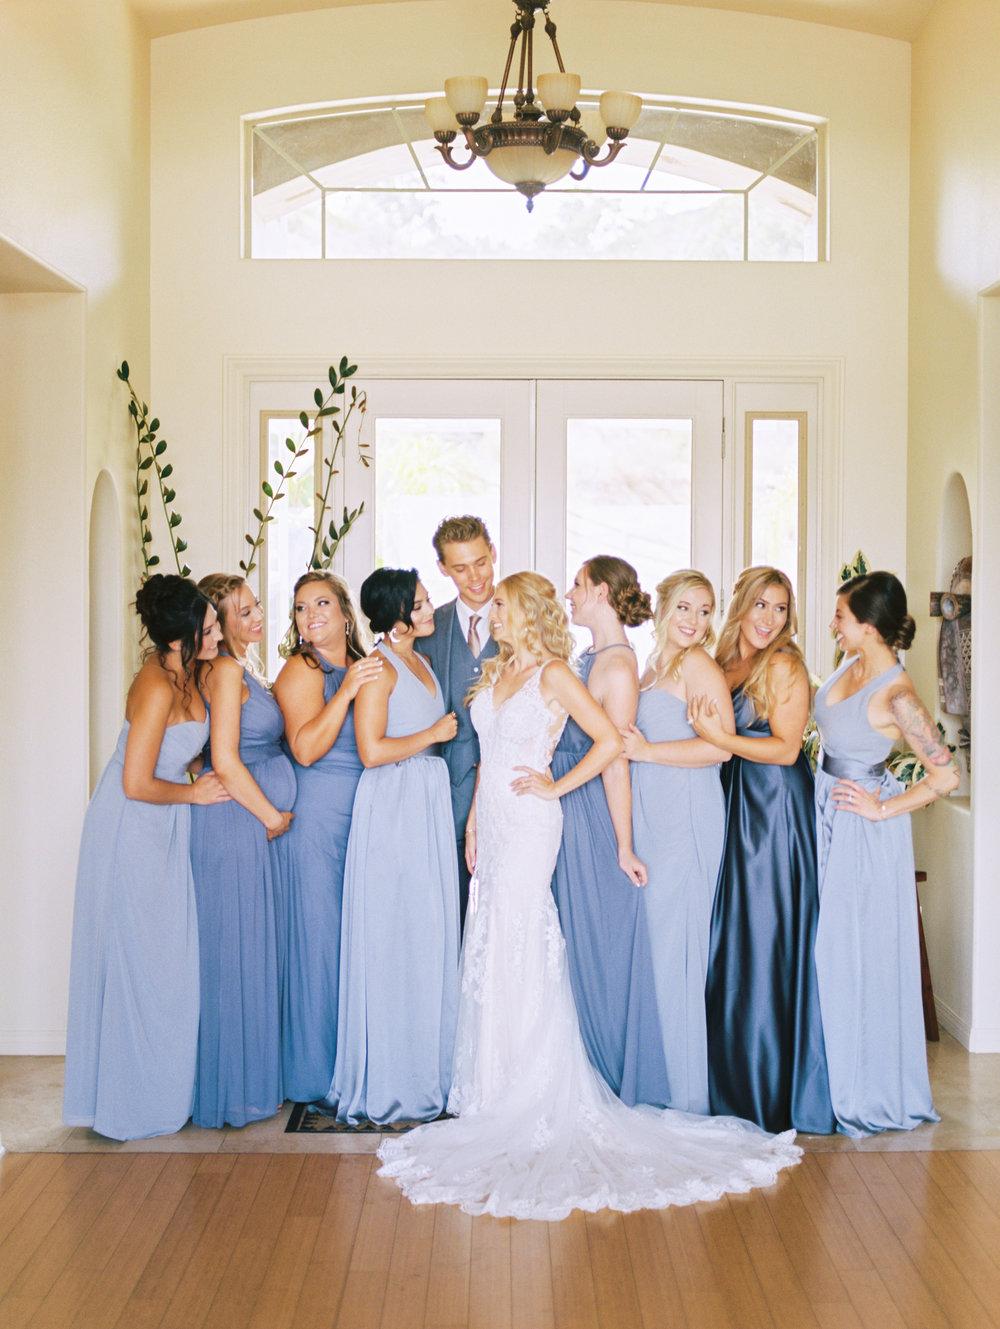 dennisroycoronel_ashleyanthony_vanessahudgens_austinbutler_wedding_losangeles_photographer-46.jpg